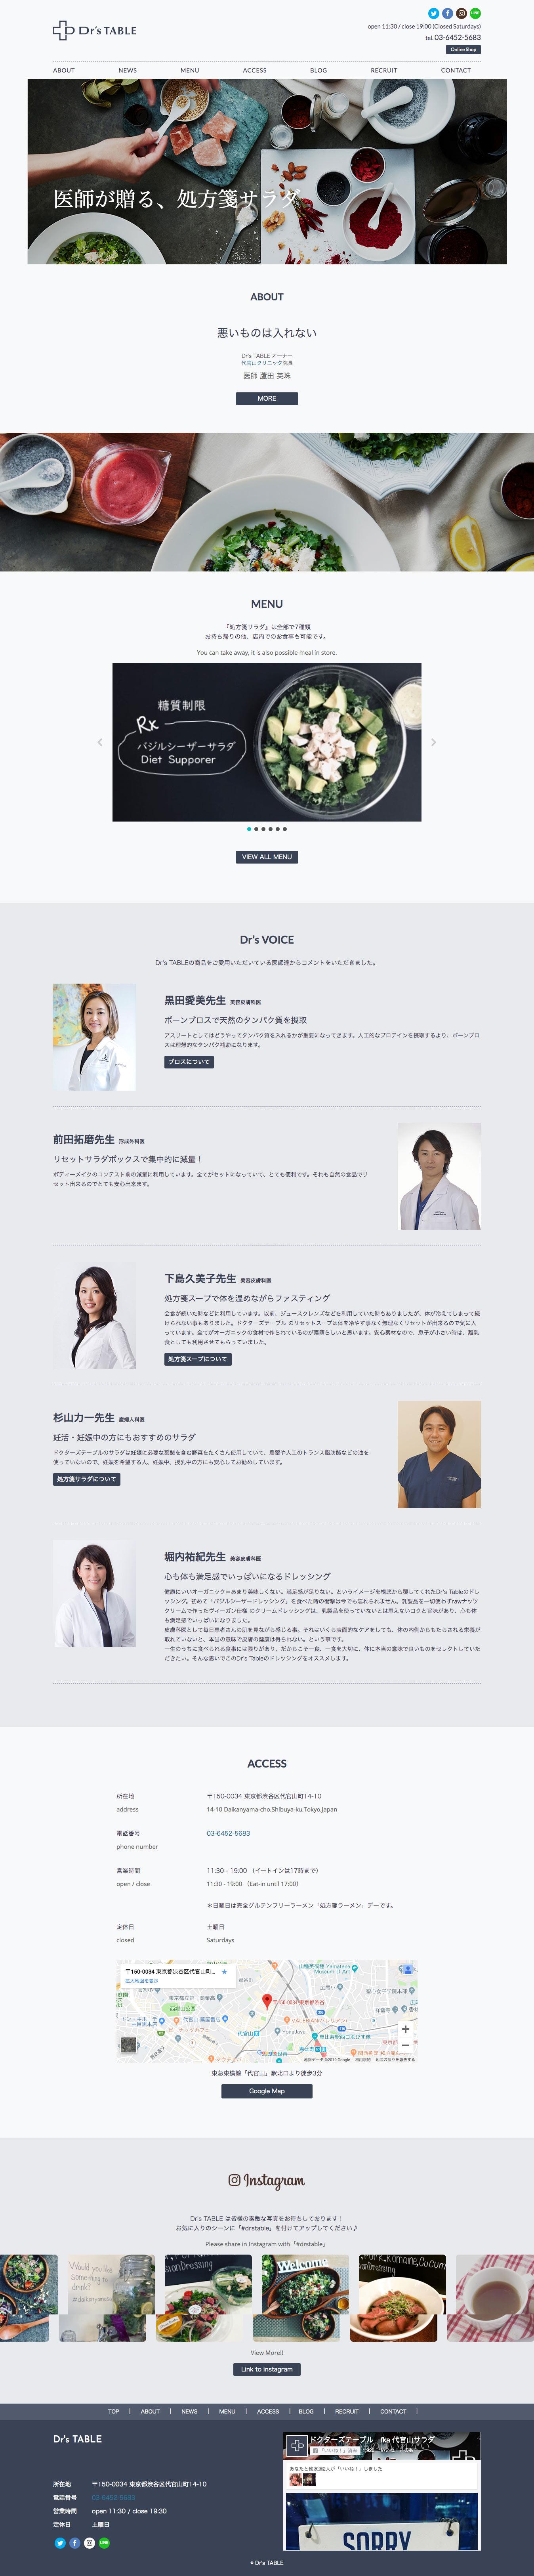 doctorstable